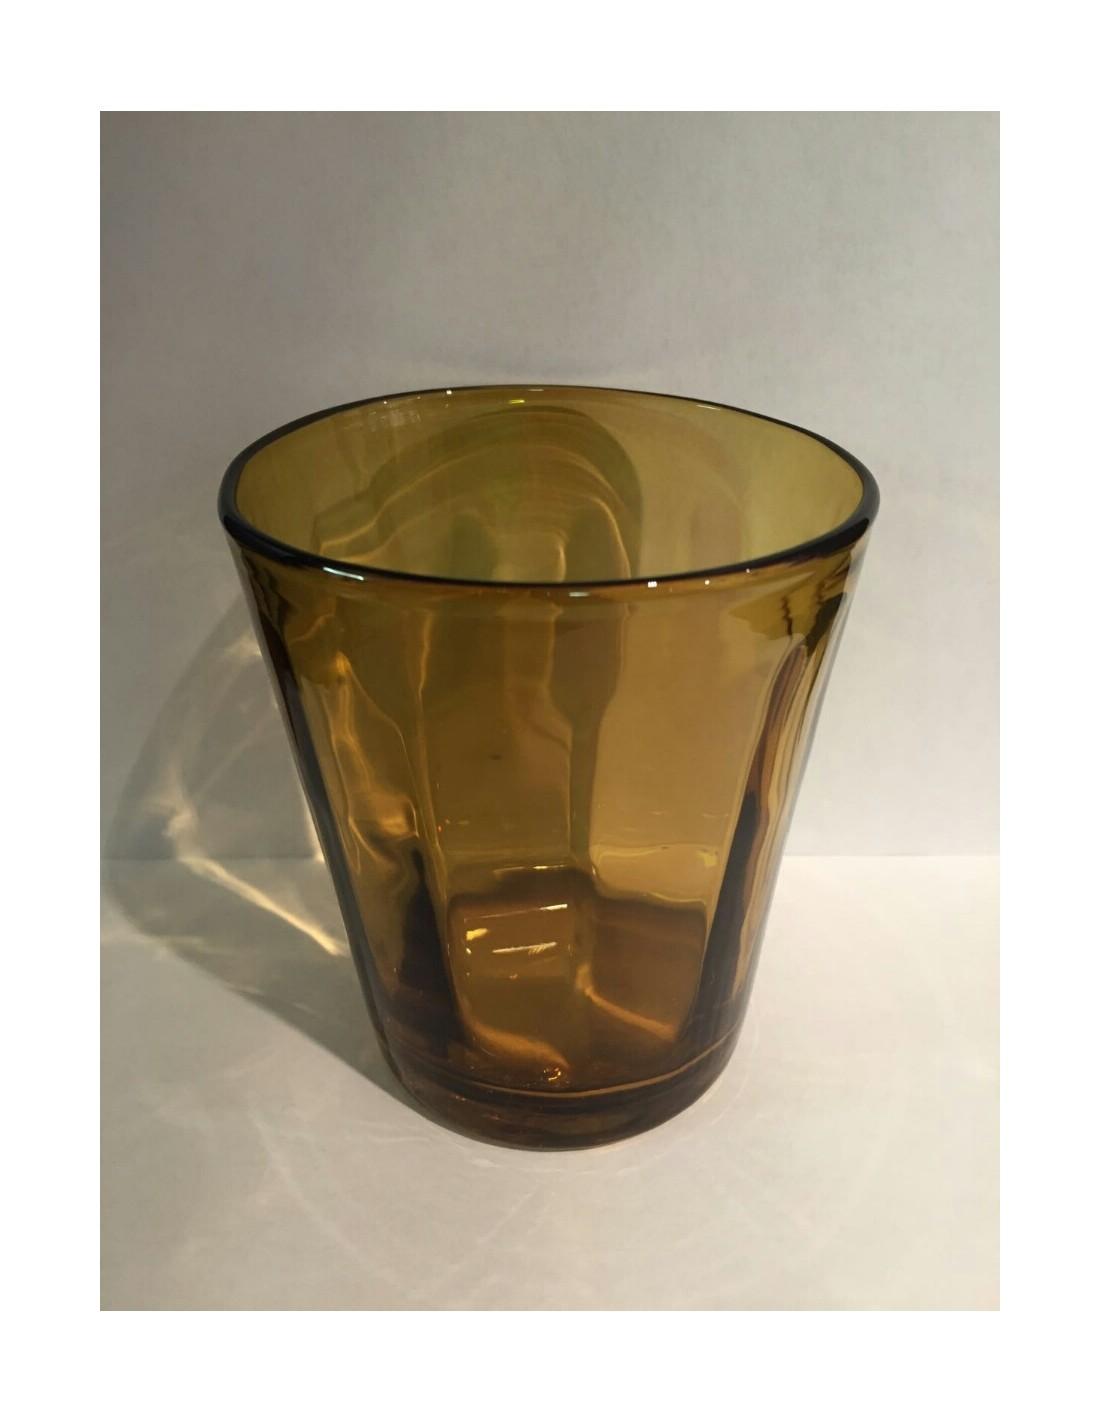 Bicchieri bei di zafferano casa bella dal cin shop online for Vendita bicchieri